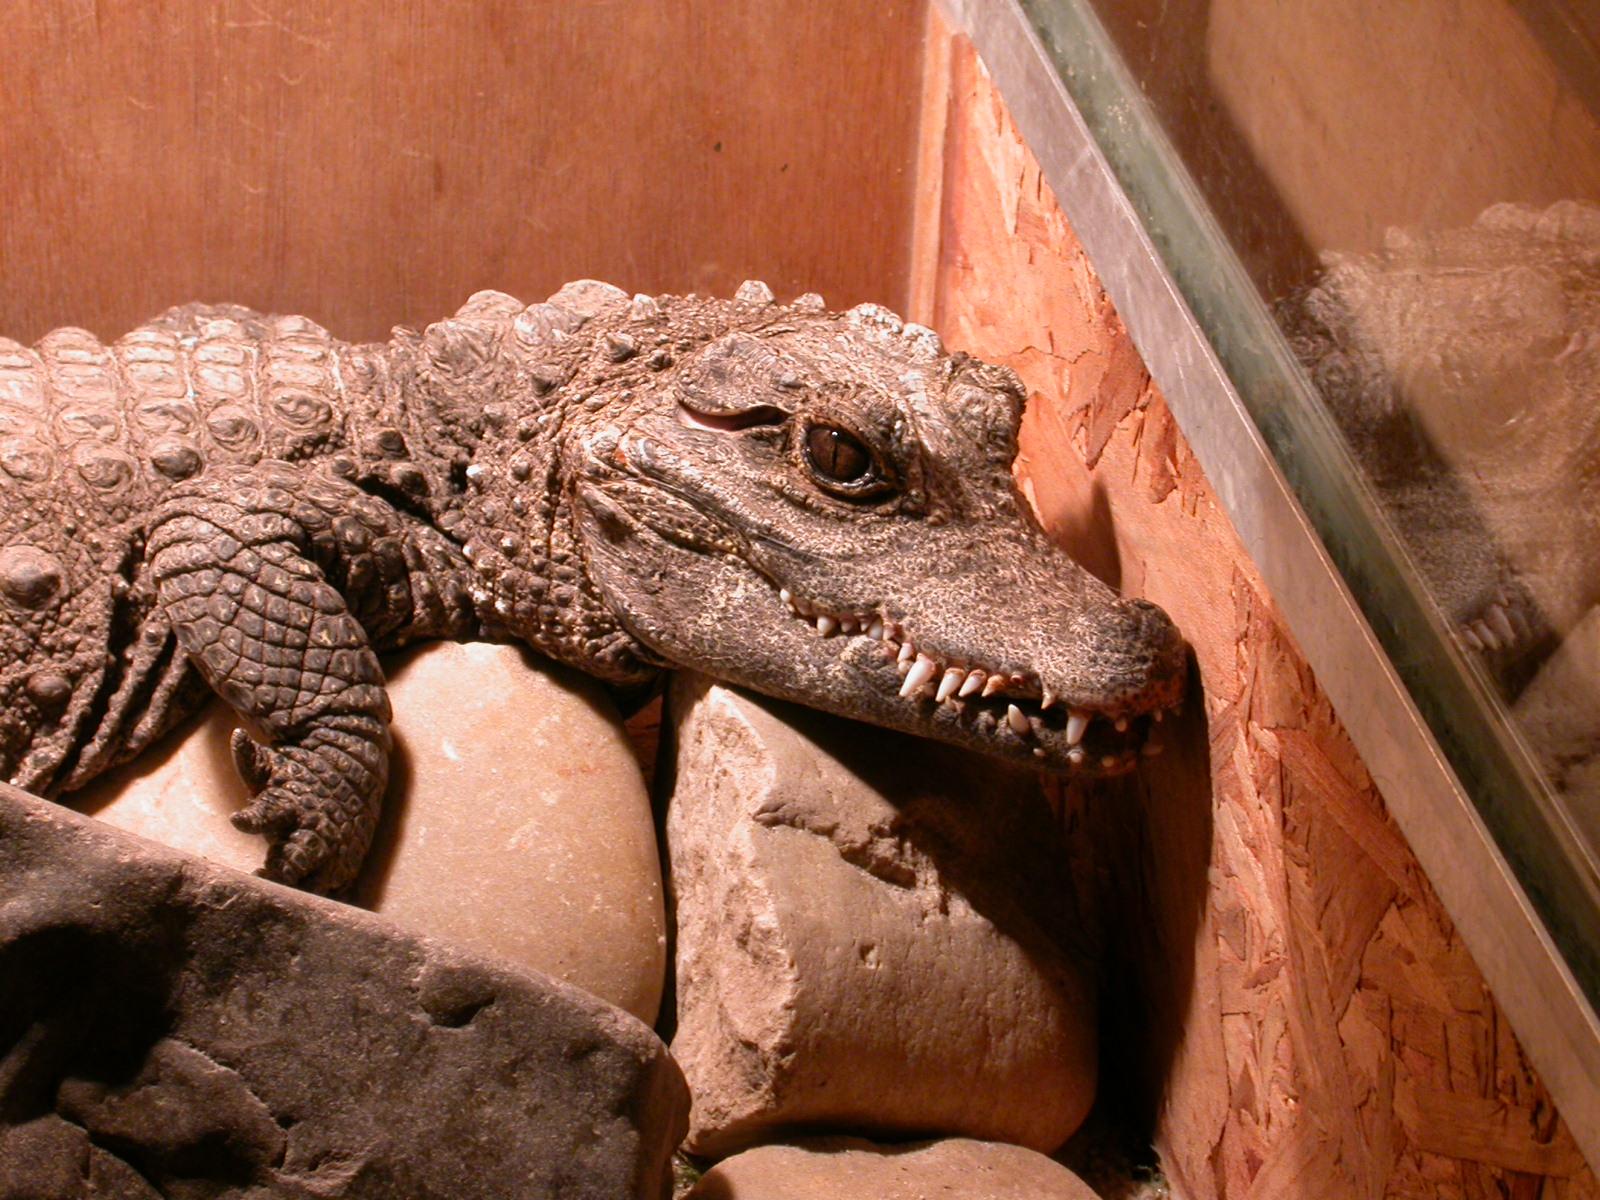 eva alligator crocodile reptile